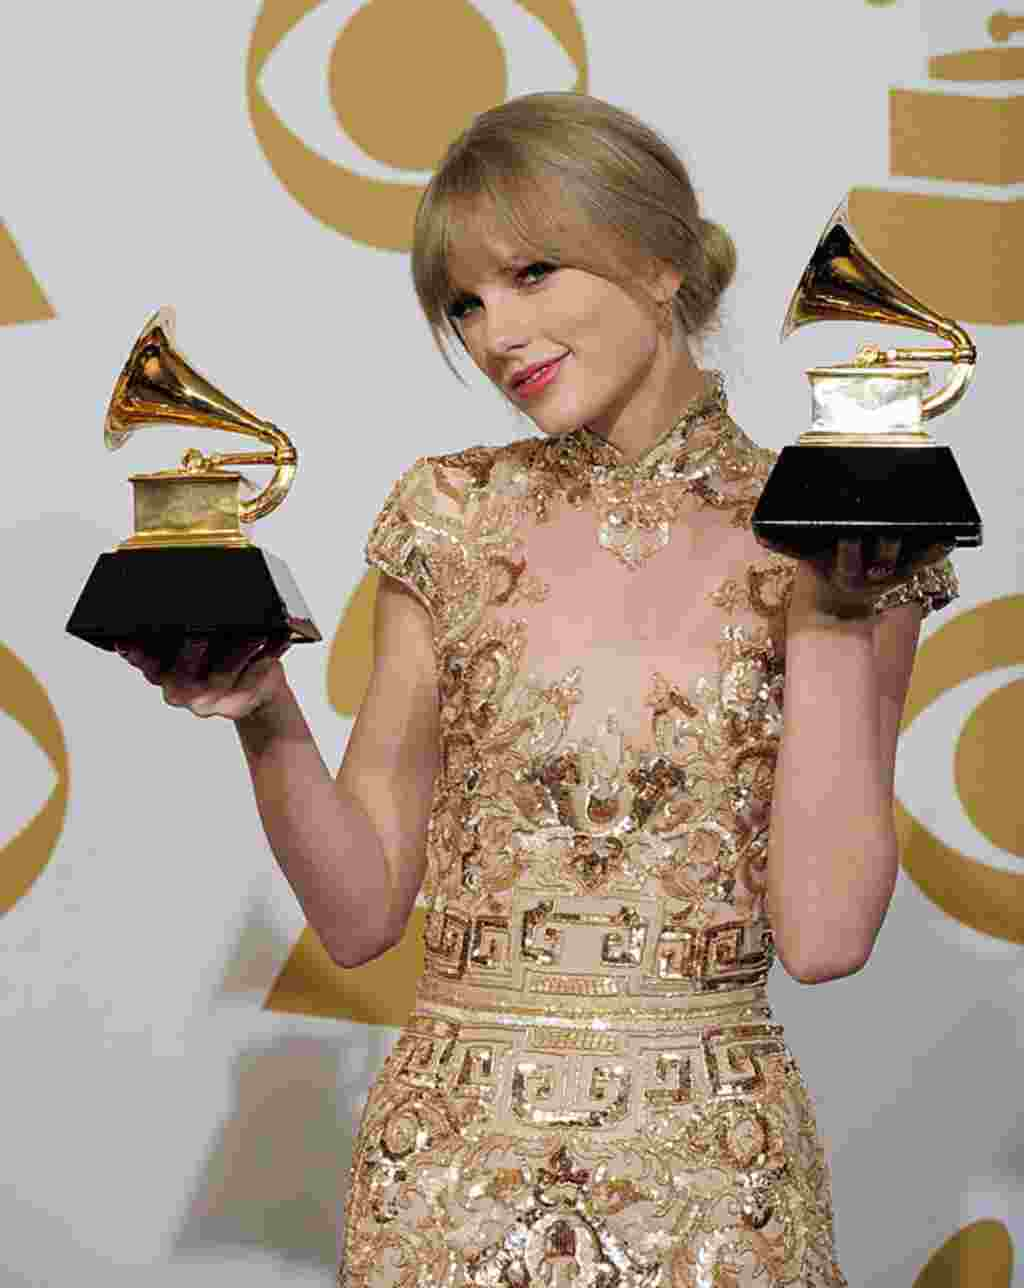 تیلور سویفت، برنده جایزه بهترین موسیقی سبک کانتری